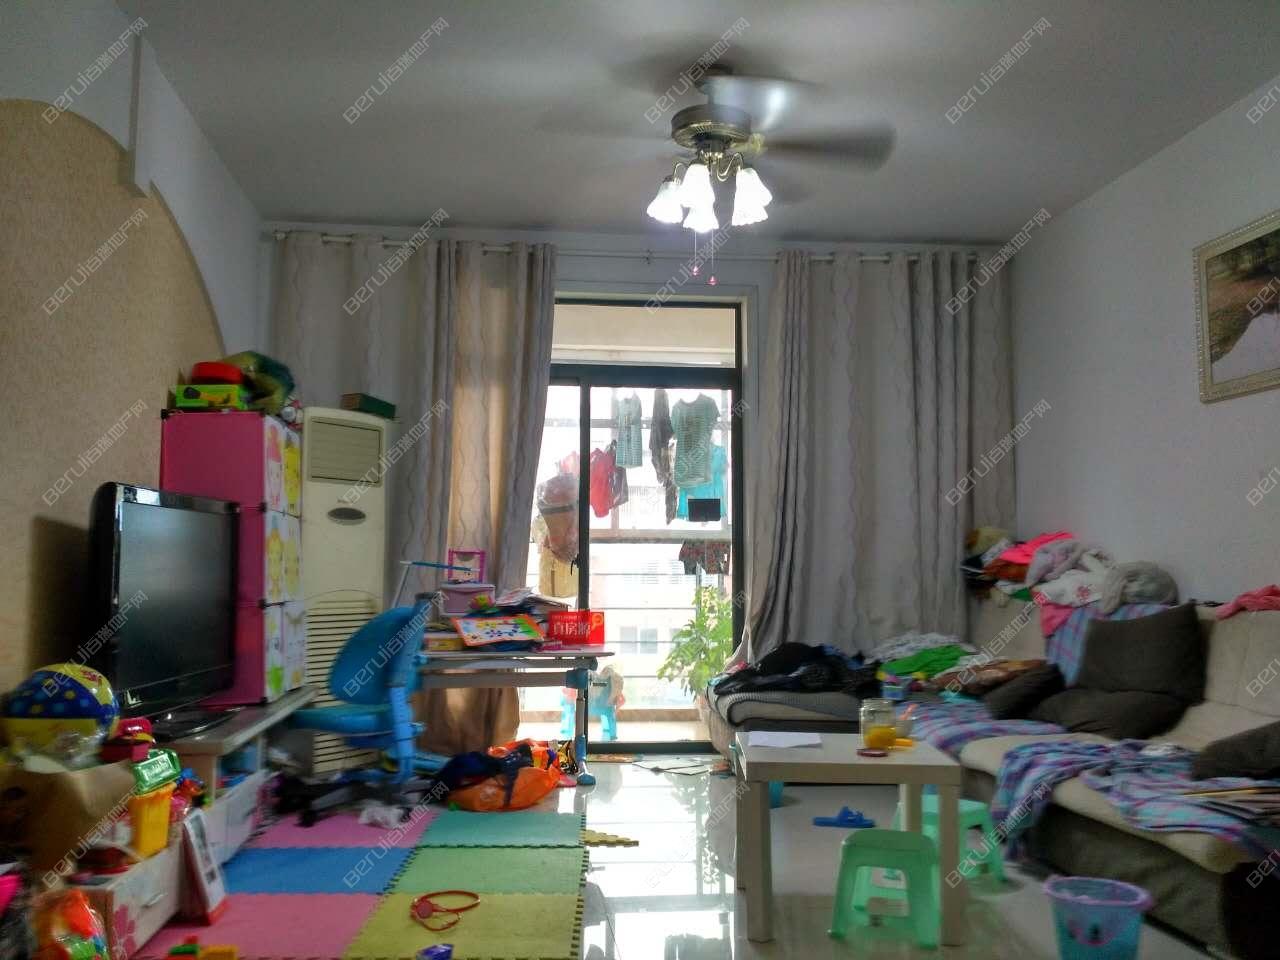 庐阳区 双岗 海棠花园 3室2厅1厨113.00平